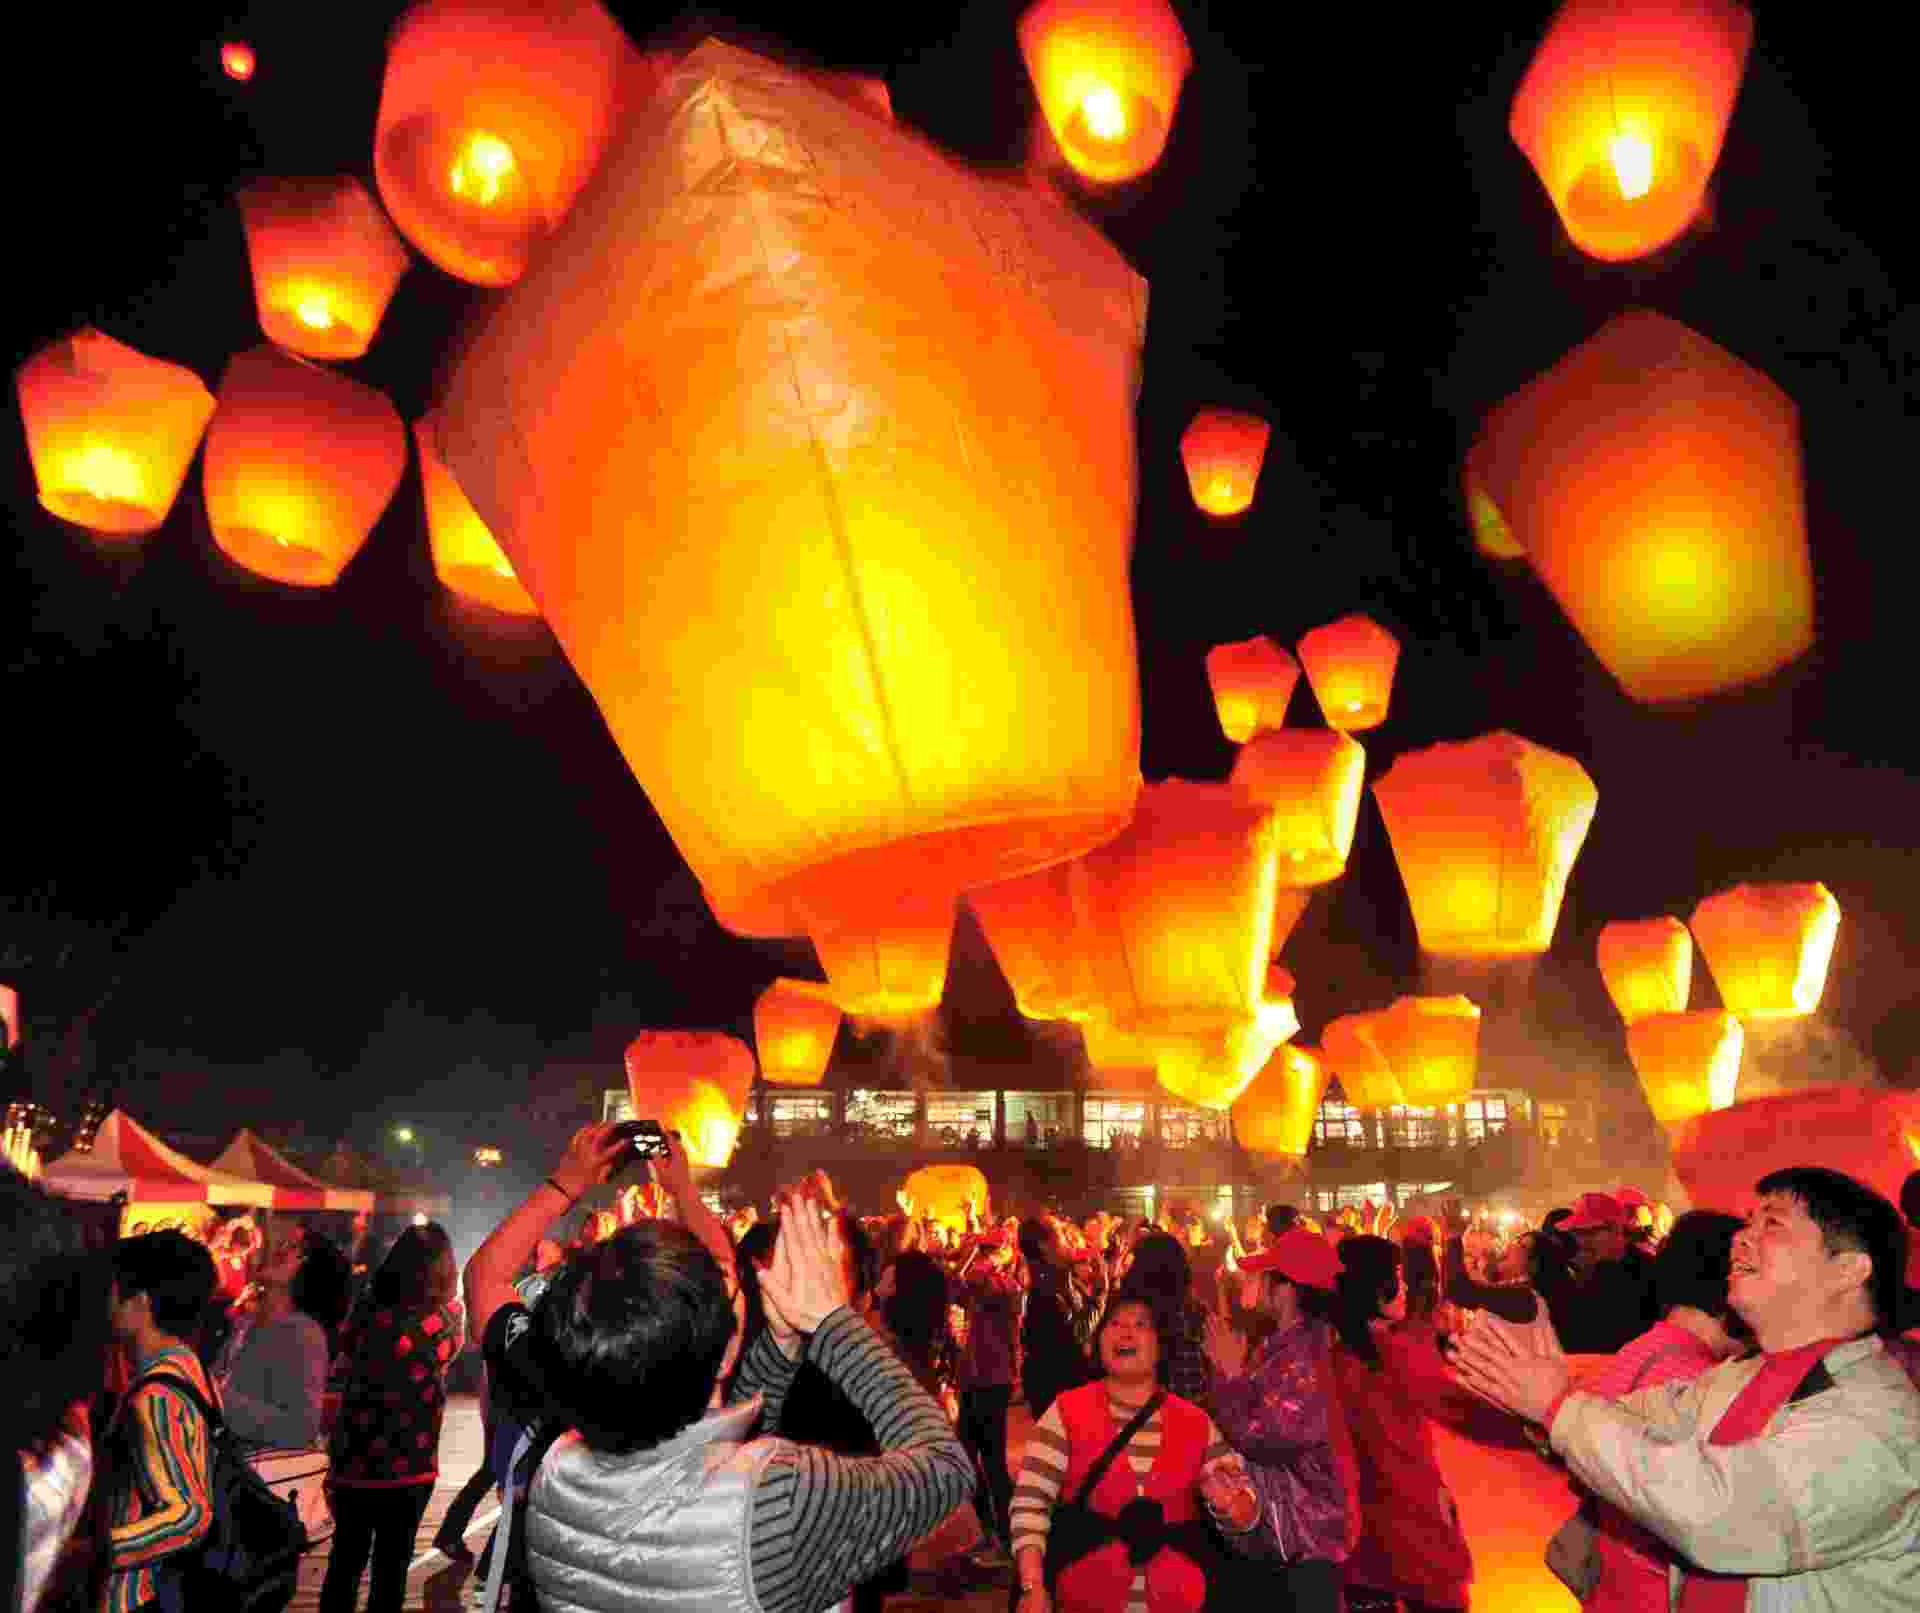 4.fev.2014 - Céu da cidade de Xinbei, em Taiwan, é colorido por 600 lanternas durante o Festival Internacional Pingsi, na segunda-feira (3). O evento faz parte das celebrações do Ano-Novo Chinês - Wu Ching-teng/Xinhua